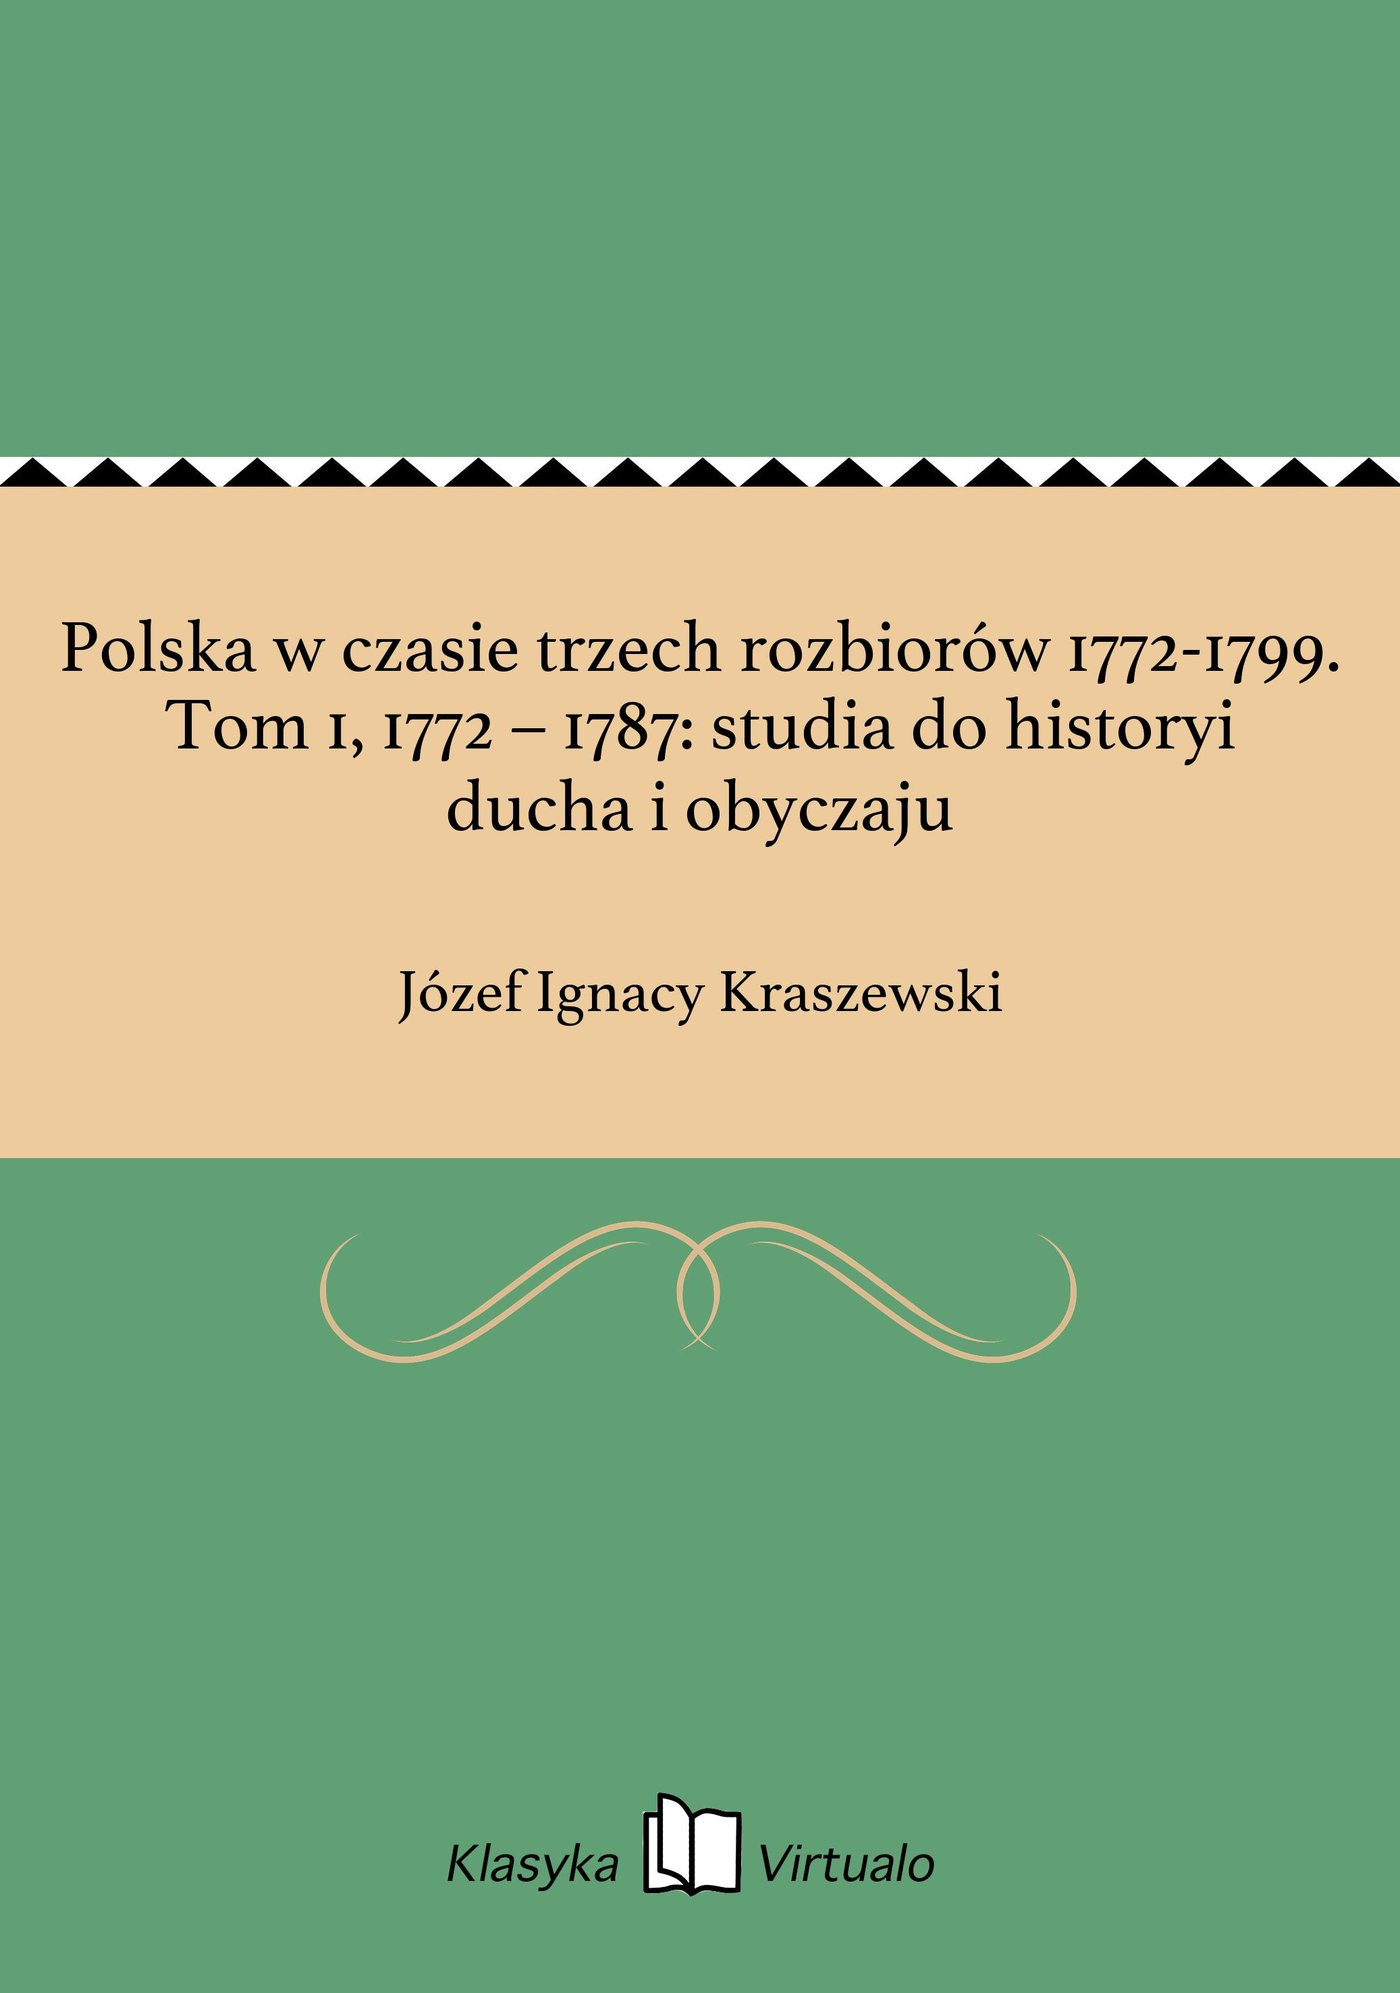 Polska w czasie trzech rozbiorów 1772-1799. Tom 1, 1772 – 1787: studia do historyi ducha i obyczaju - Ebook (Książka EPUB) do pobrania w formacie EPUB